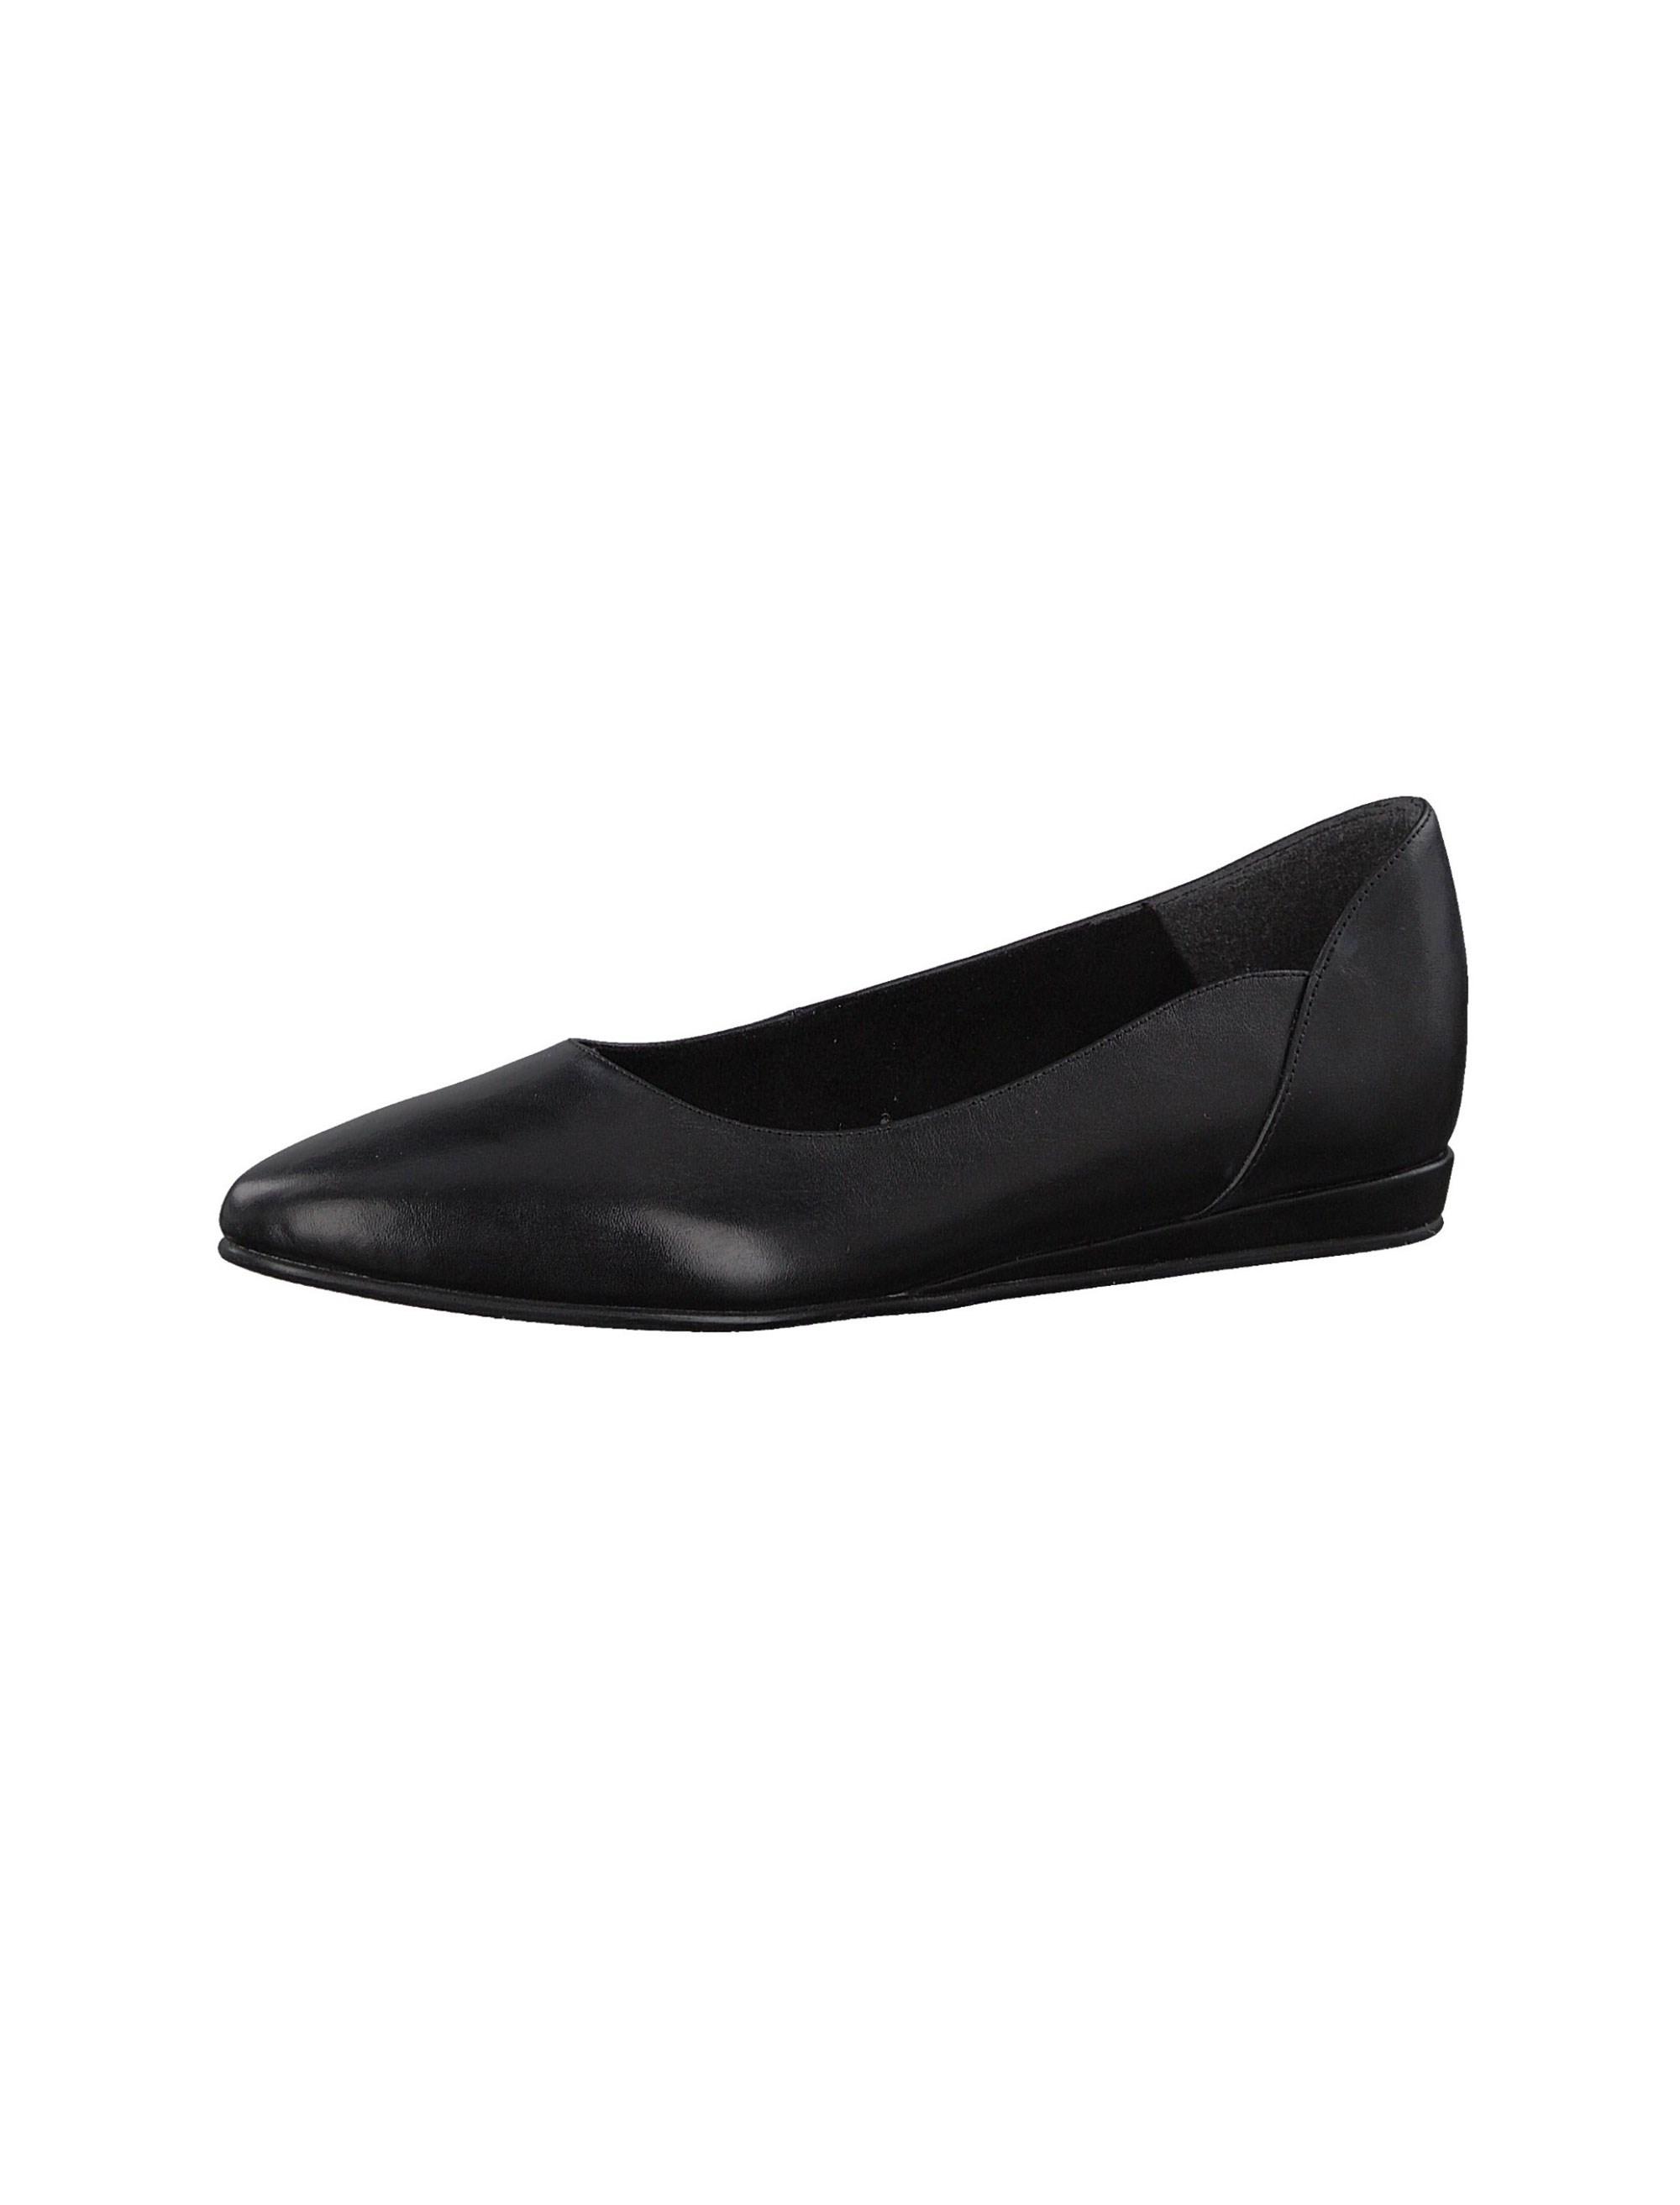 کفش تخت چرم زنانه Cecilia - تاماریس - مشکي - 1